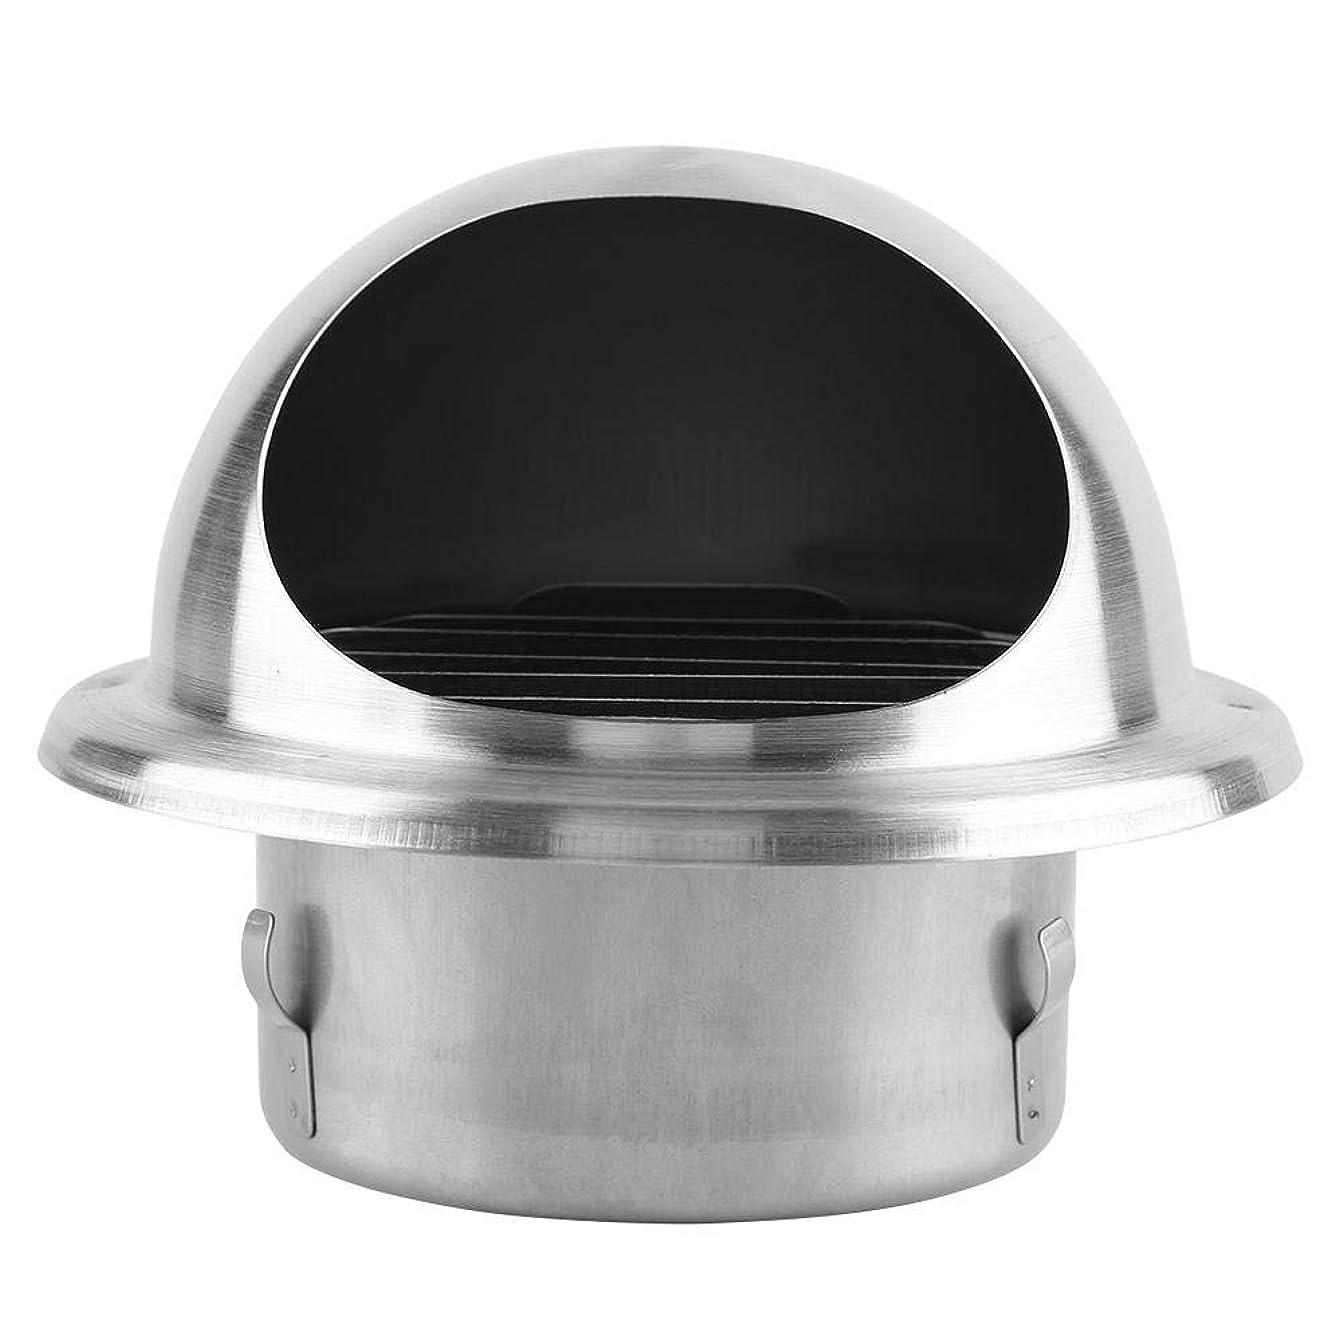 既にわかりやすいポジション丸型フード付ガラリ 304ステンレス製 排気口 換気システム ガラリ 通気口 丸型フード付 逆風防止ダンパー付 防虫網付 シルバー